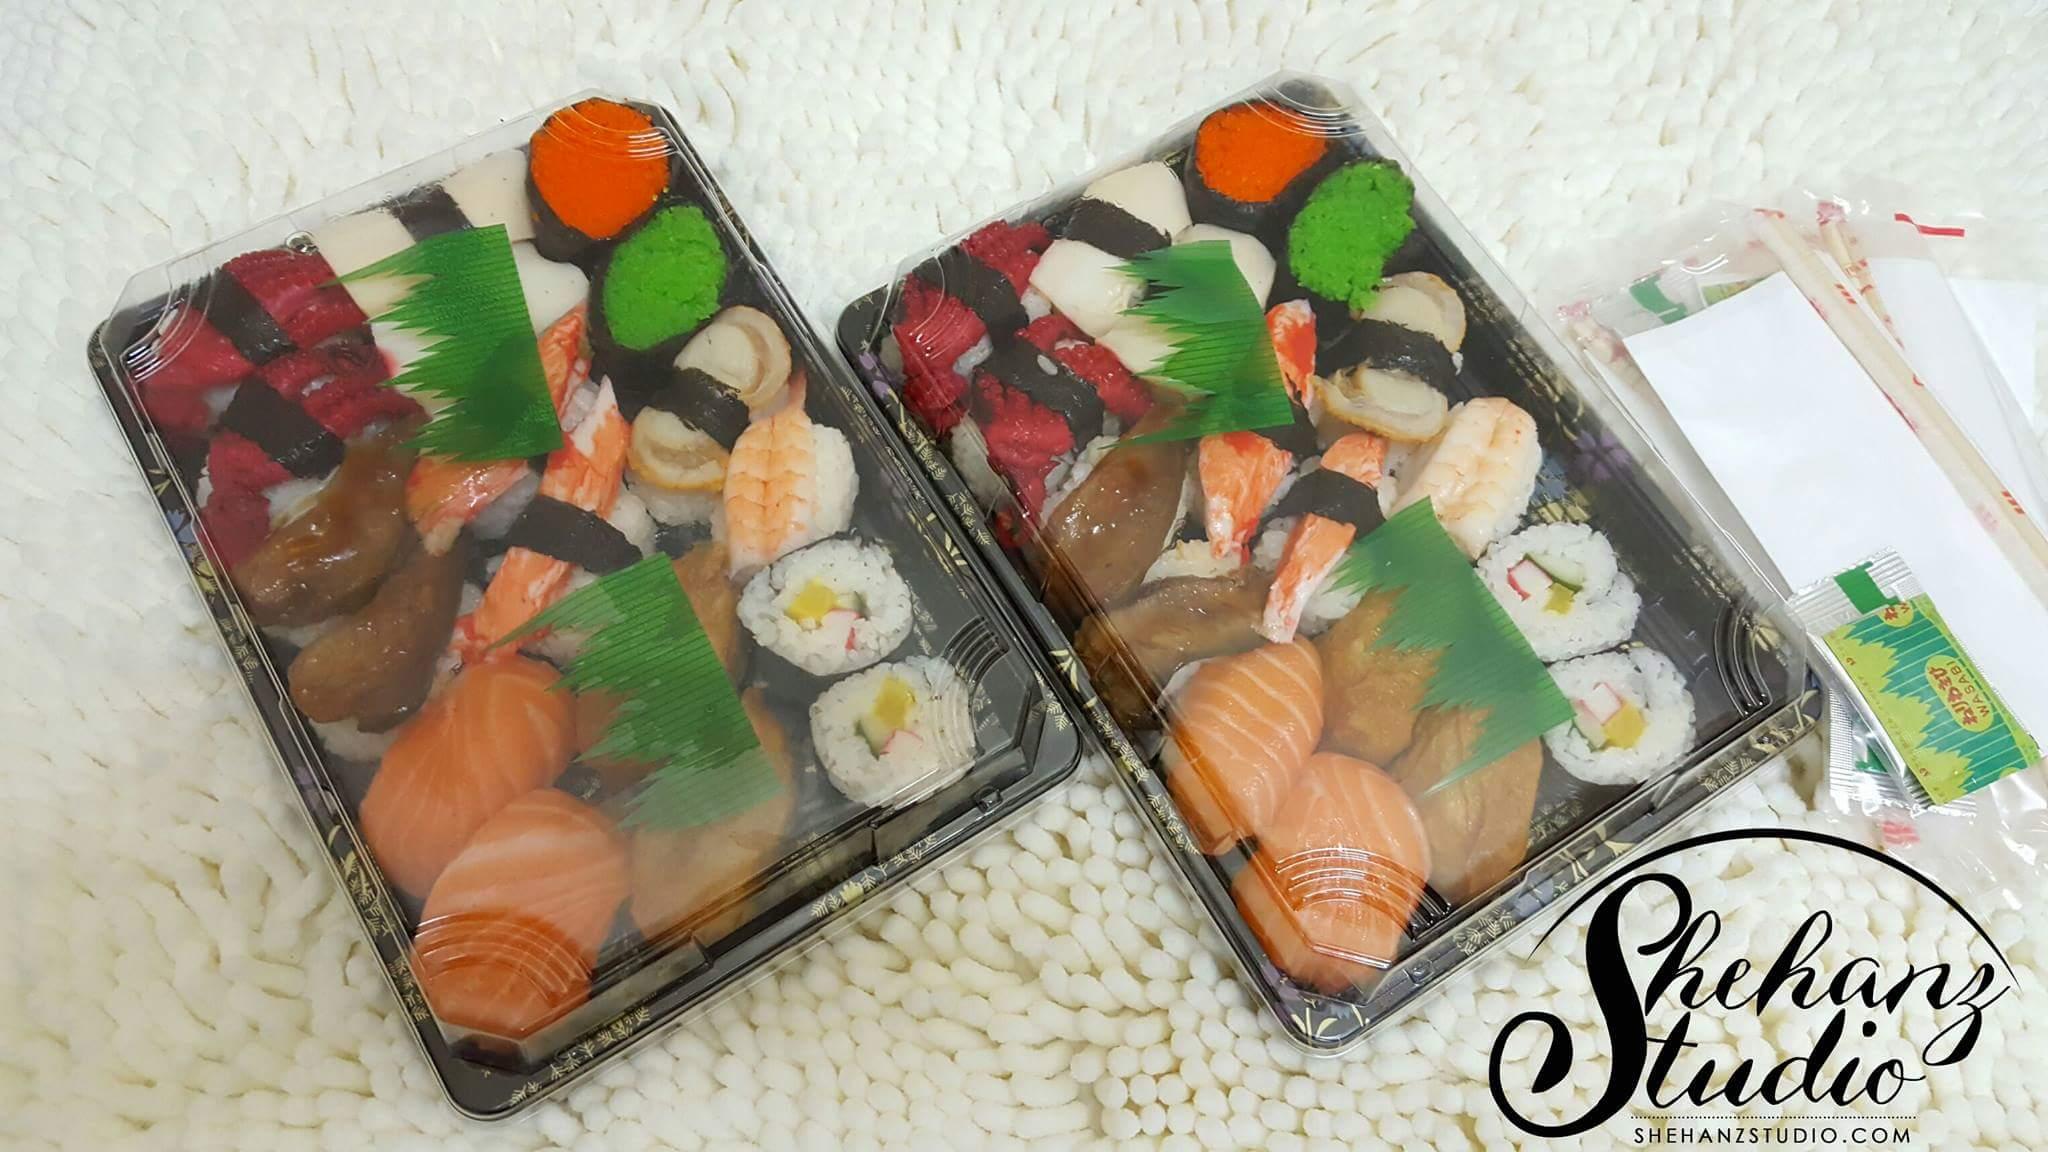 shogun2u-online-food-delivery